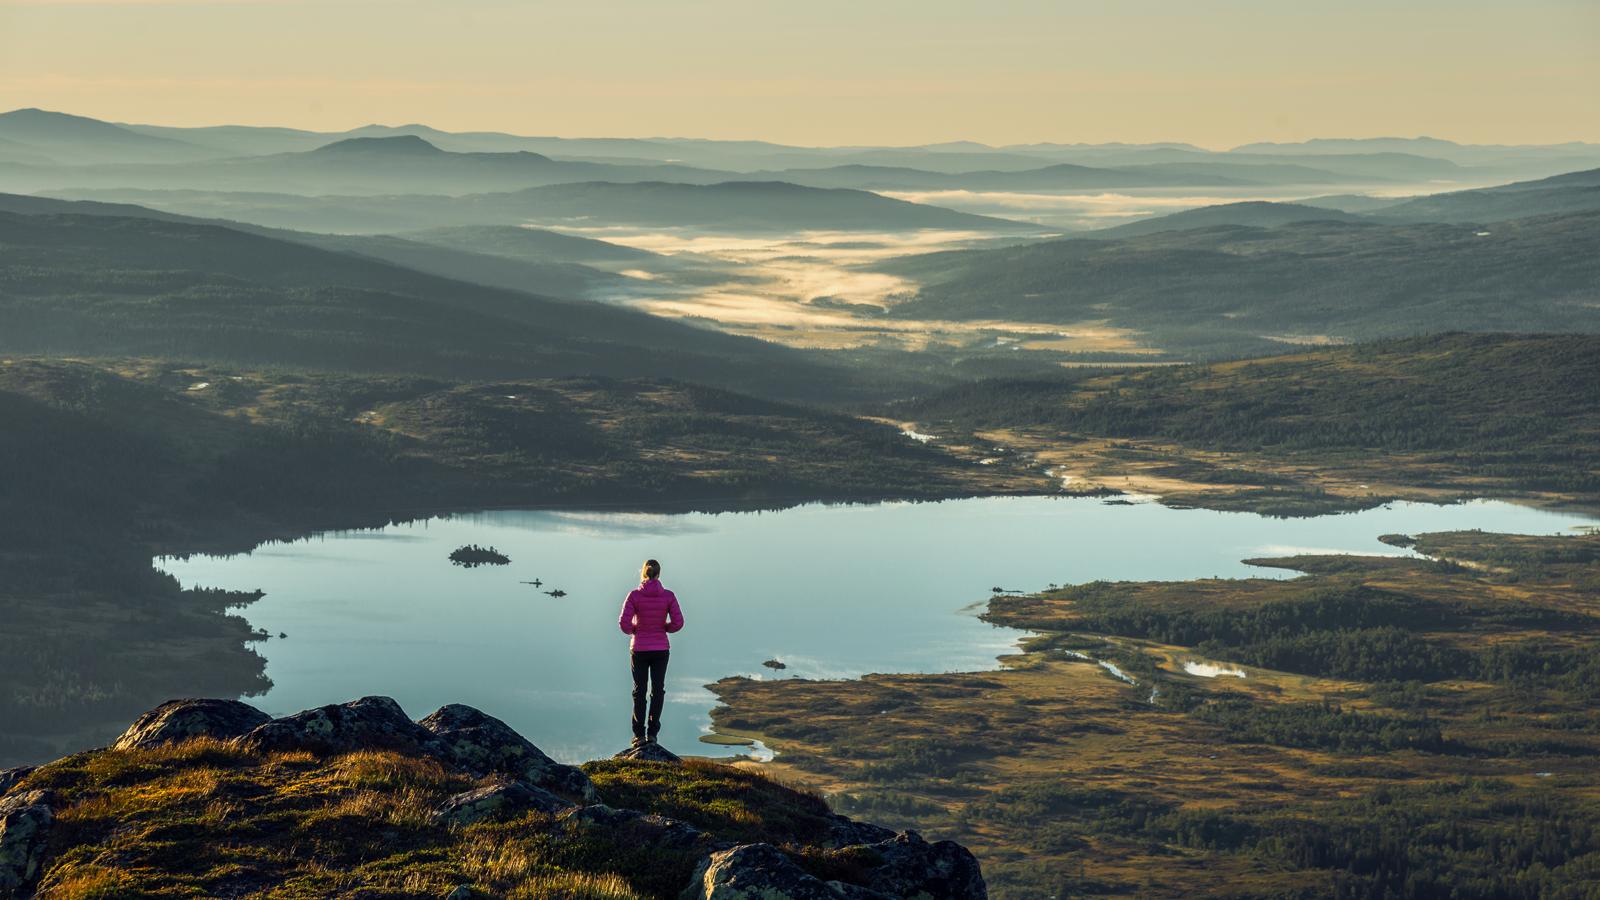 Utsikt på toppen av Lakavasshatten i Blåfjella-Skjækerfjella Nasjonalpark. Foto: Bernartwood / trondelag.com